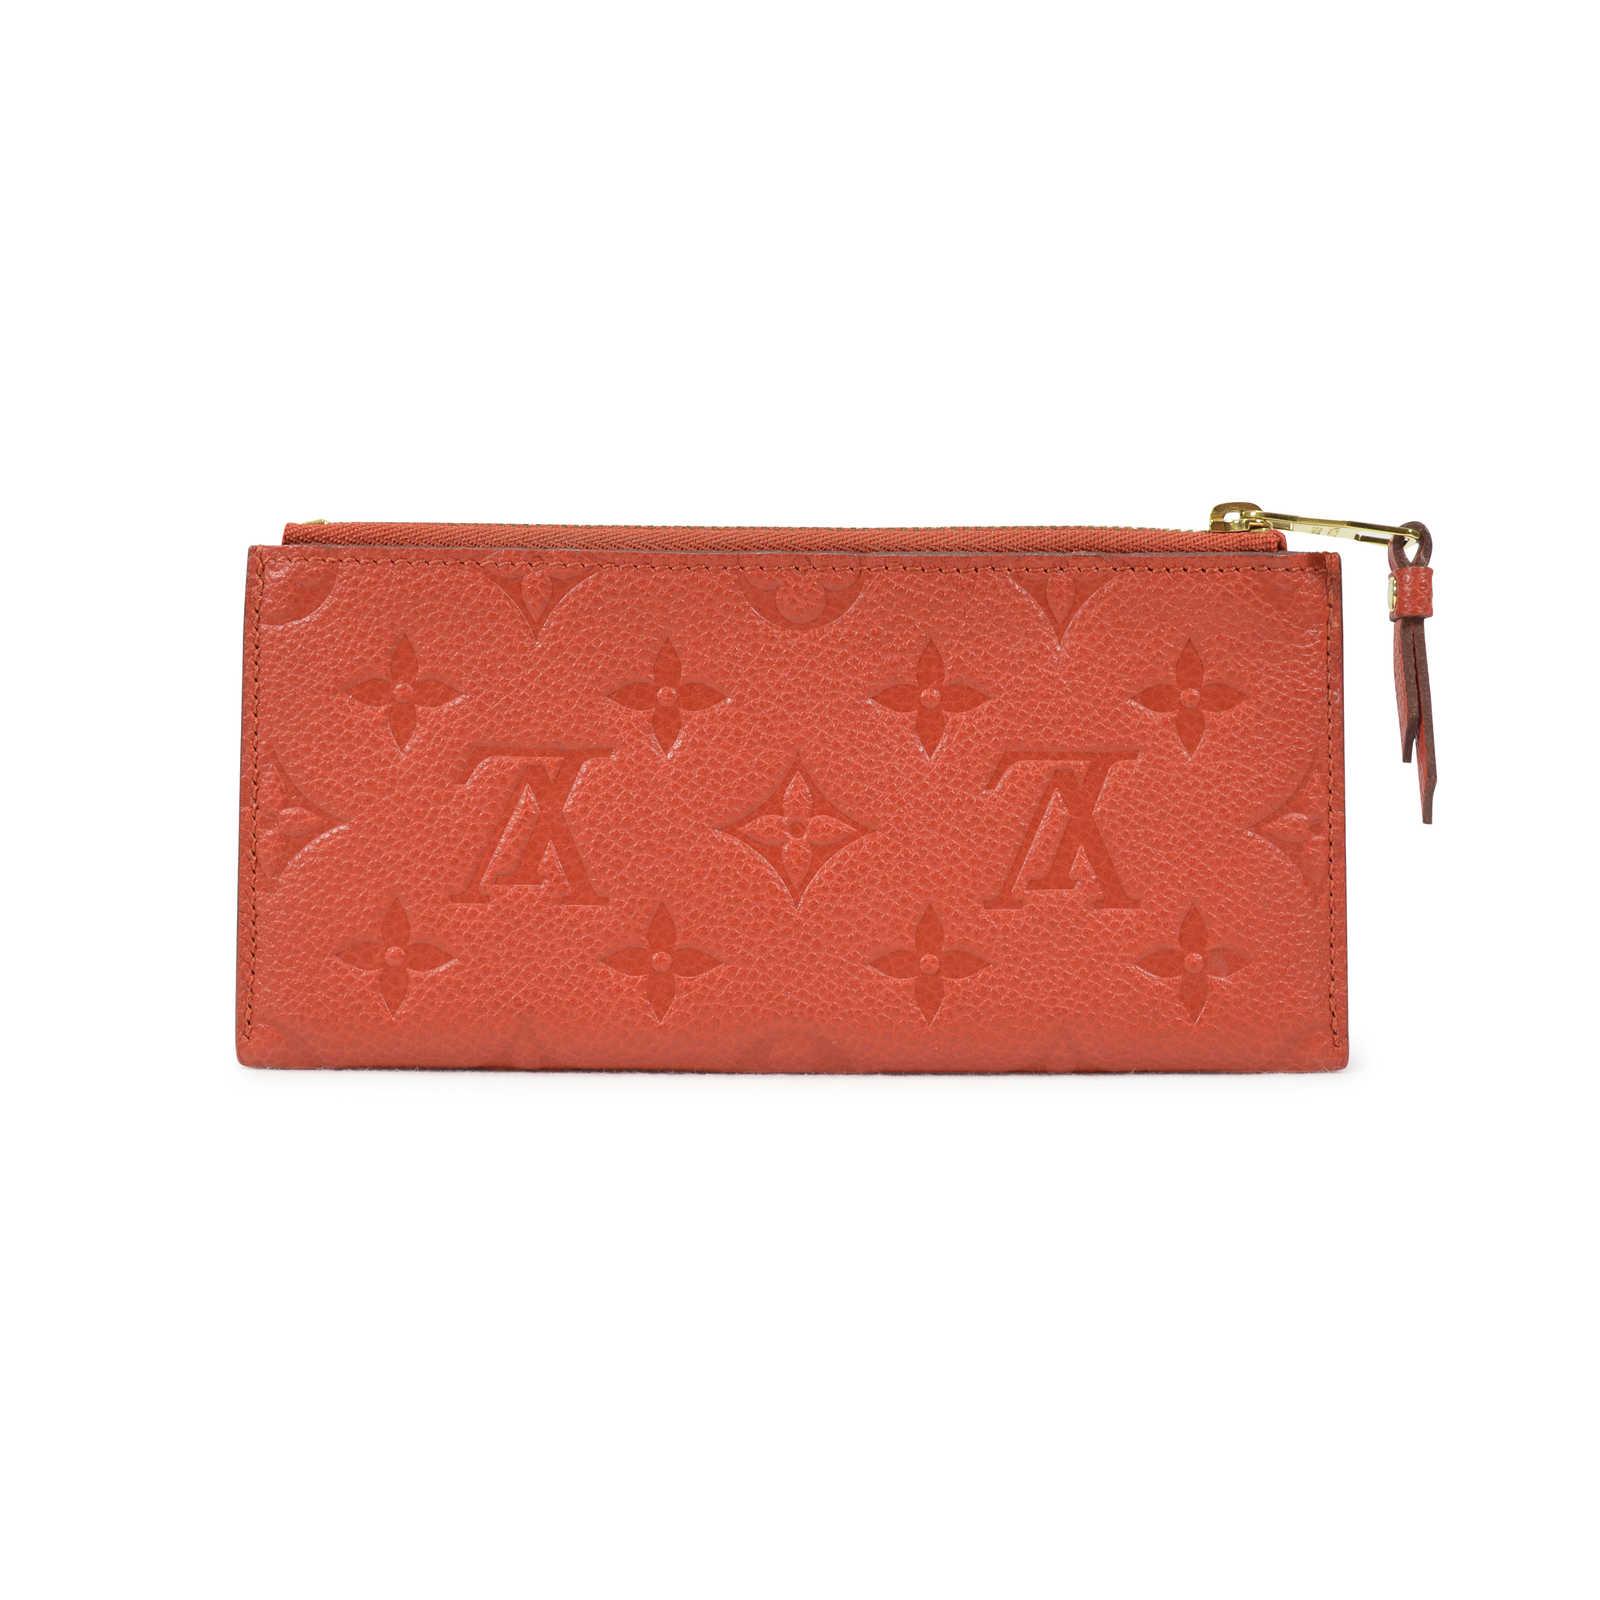 25041b0799b65 ... Authentic Second Hand Louis Vuitton Monogram Empreinte Curieuse Wallet  (PSS-021-00016) ...